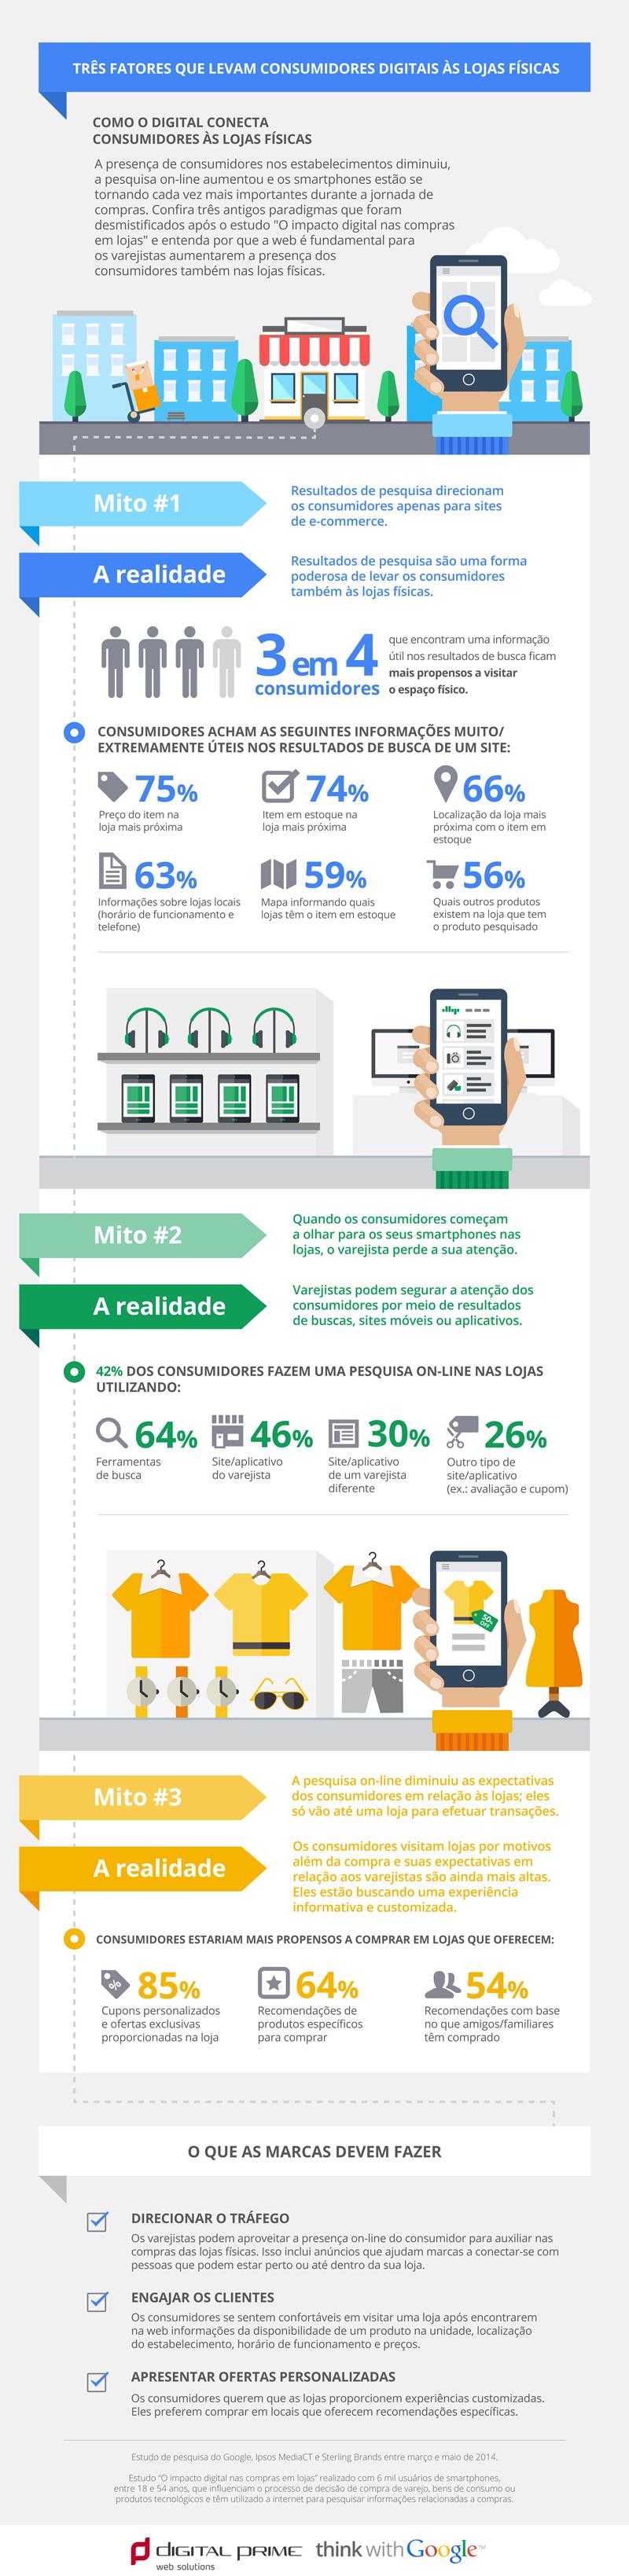 Inforgrafico - Fatores que levam consumidores digitais a lojas fisica